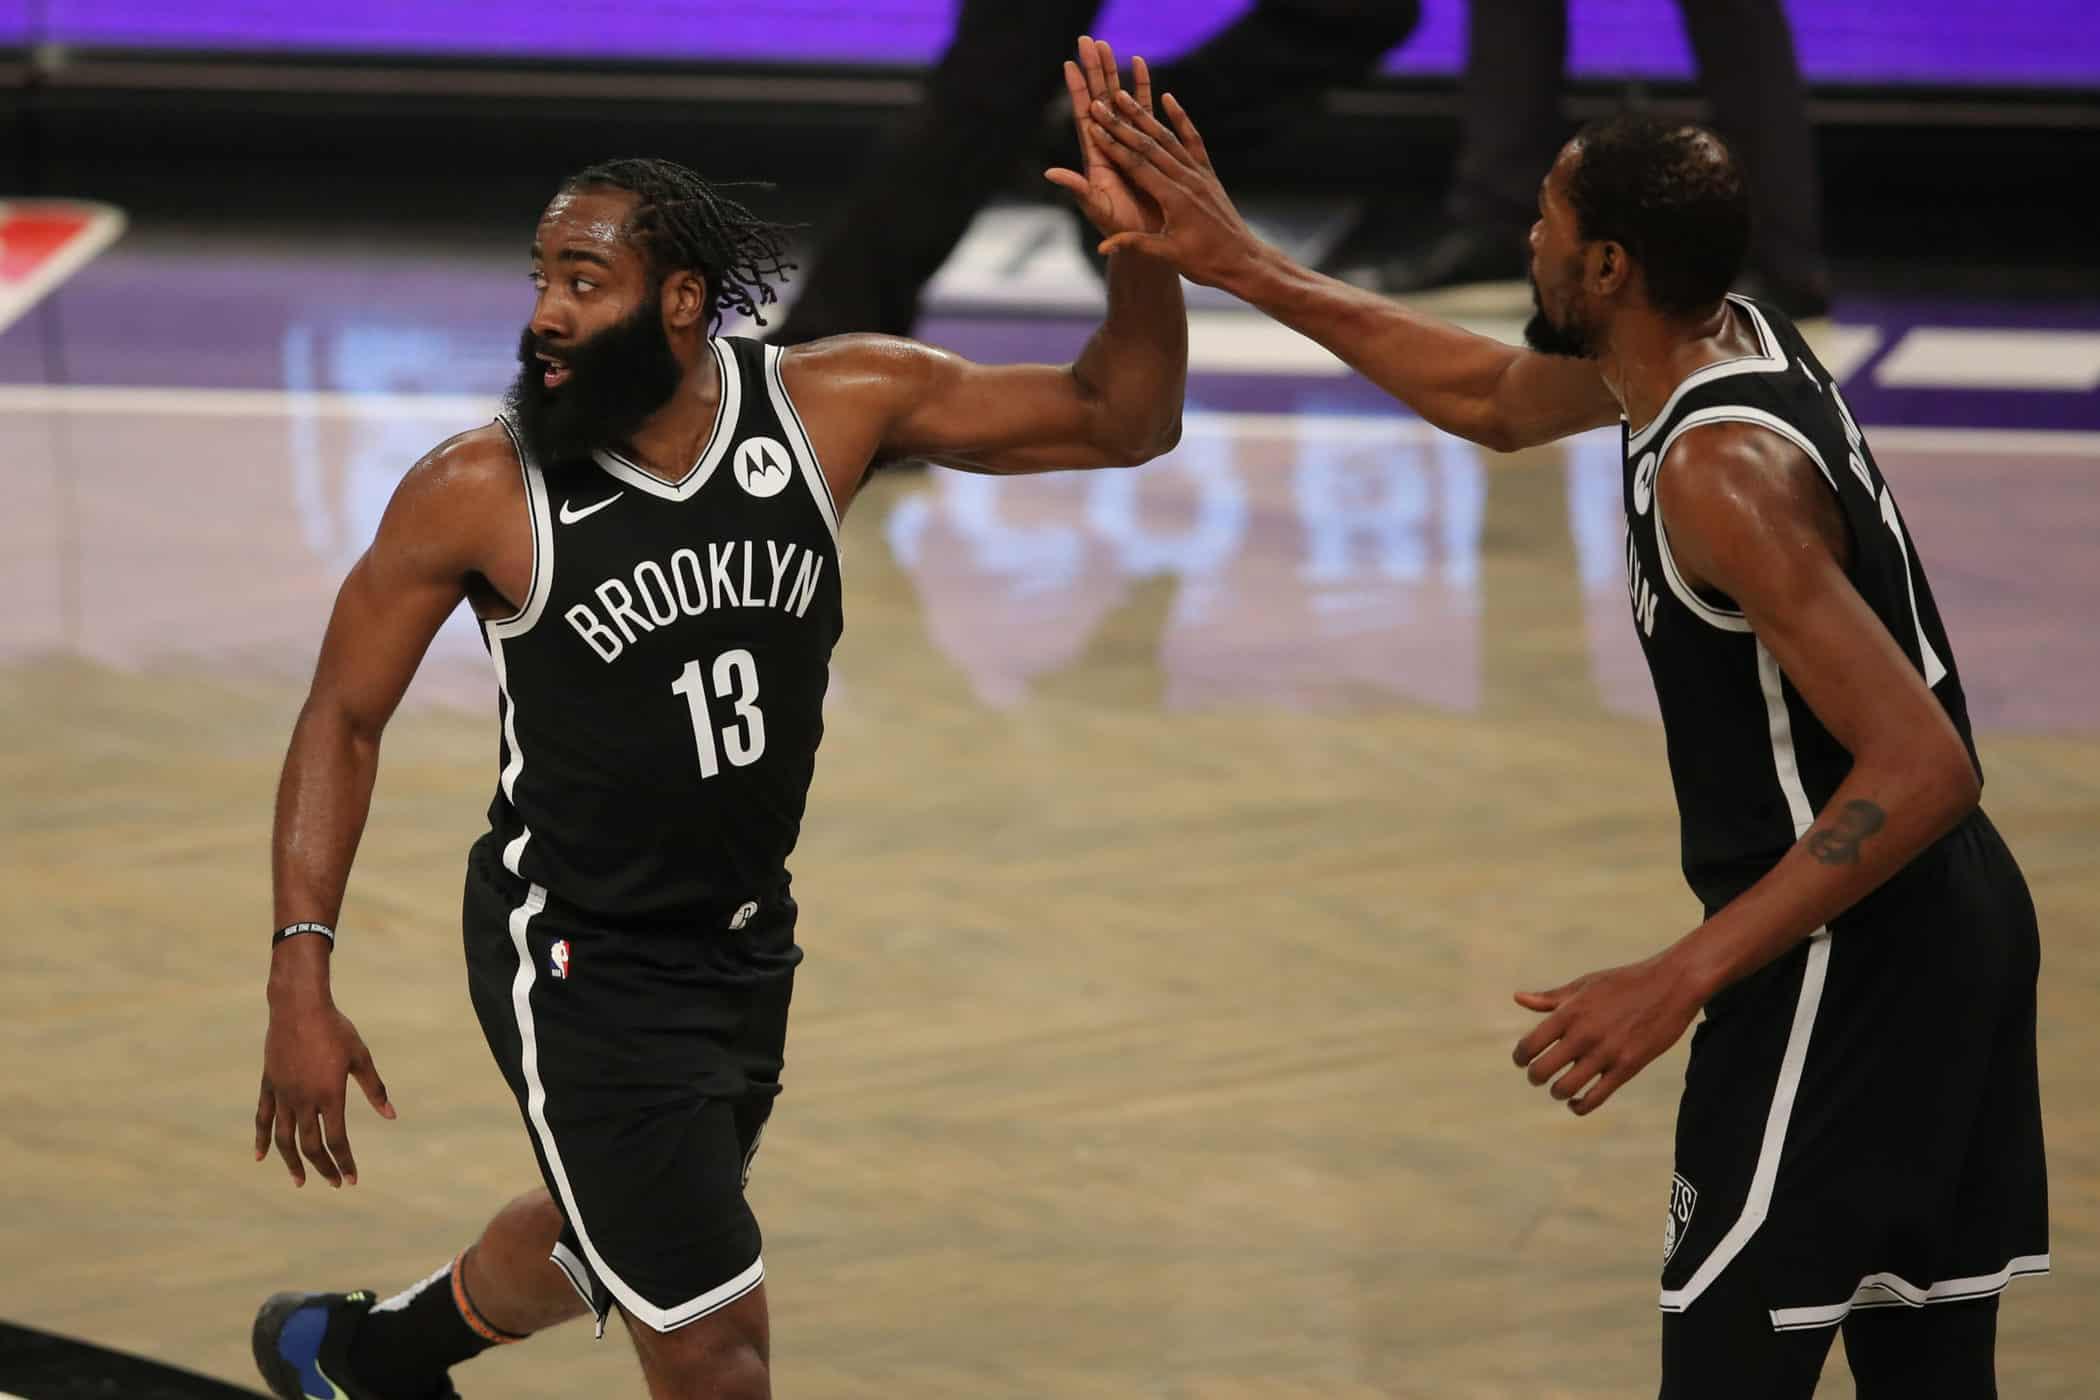 L'esordio sfortunato dei Big 3 dei Brooklyn Nets